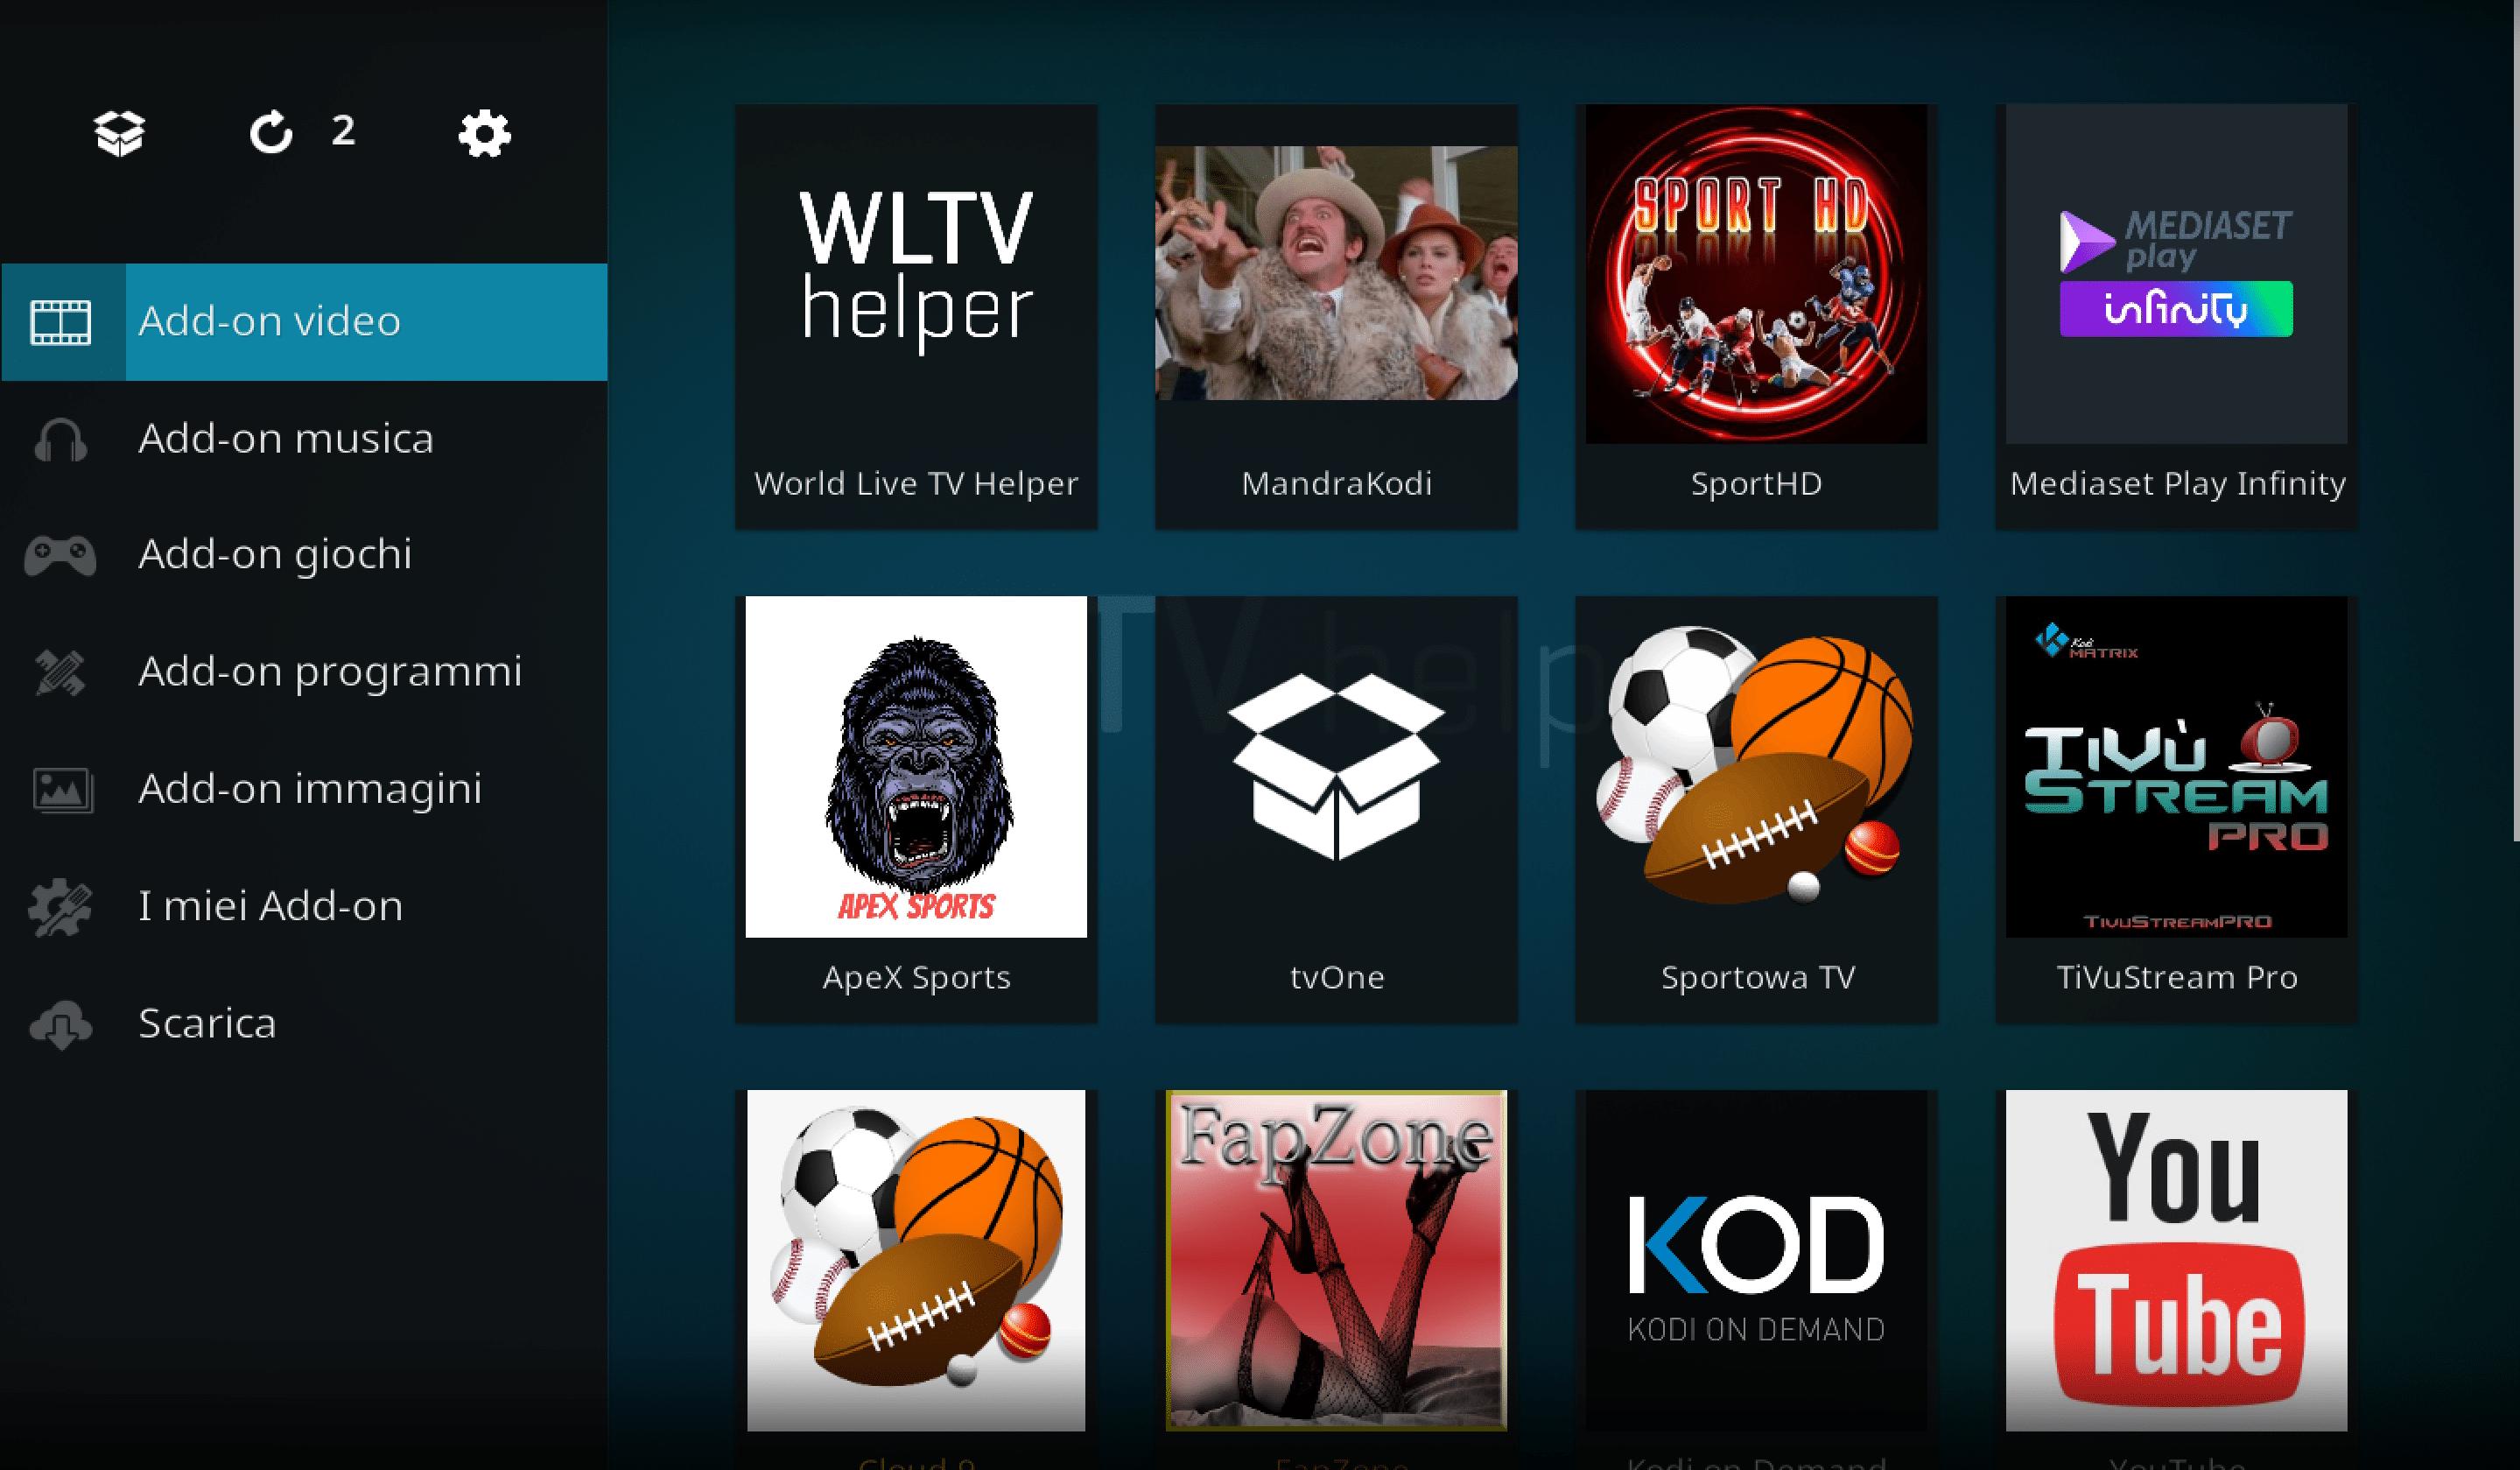 WLTV Helper